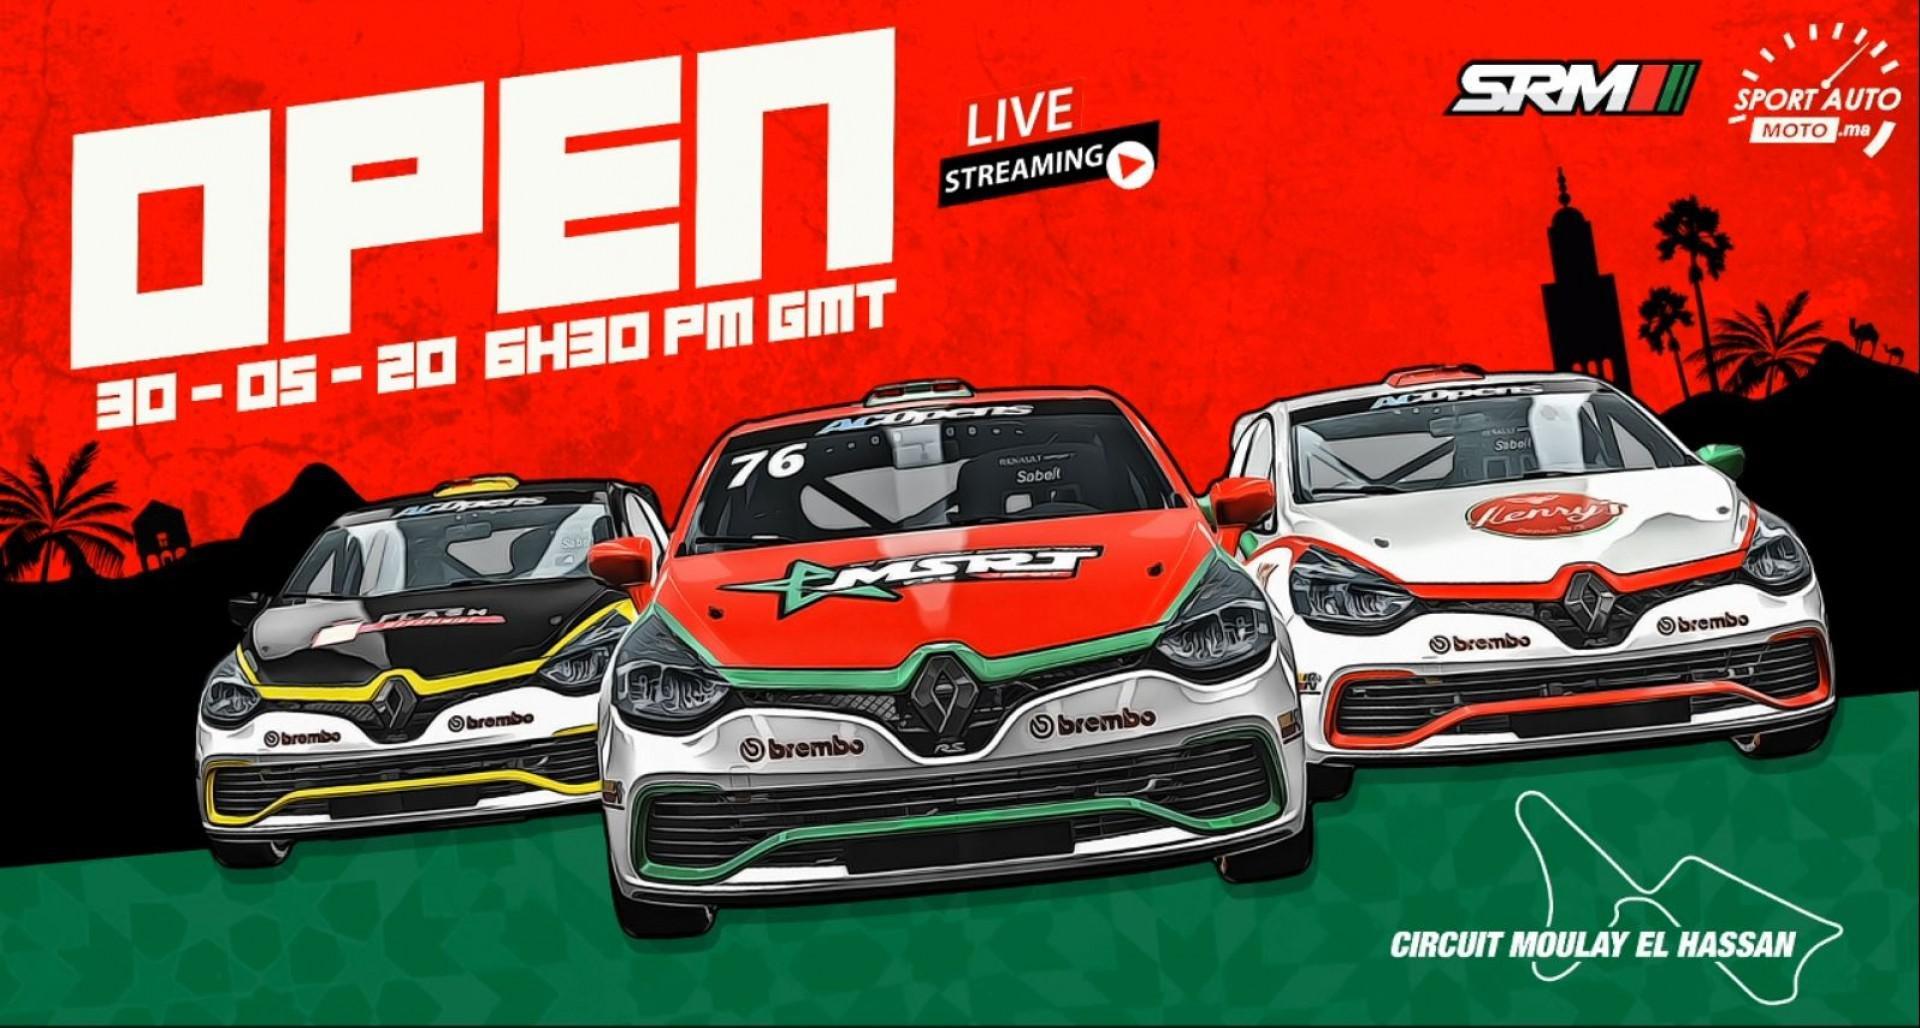 Un premier événement réussi pour la Sim Racing Morocco